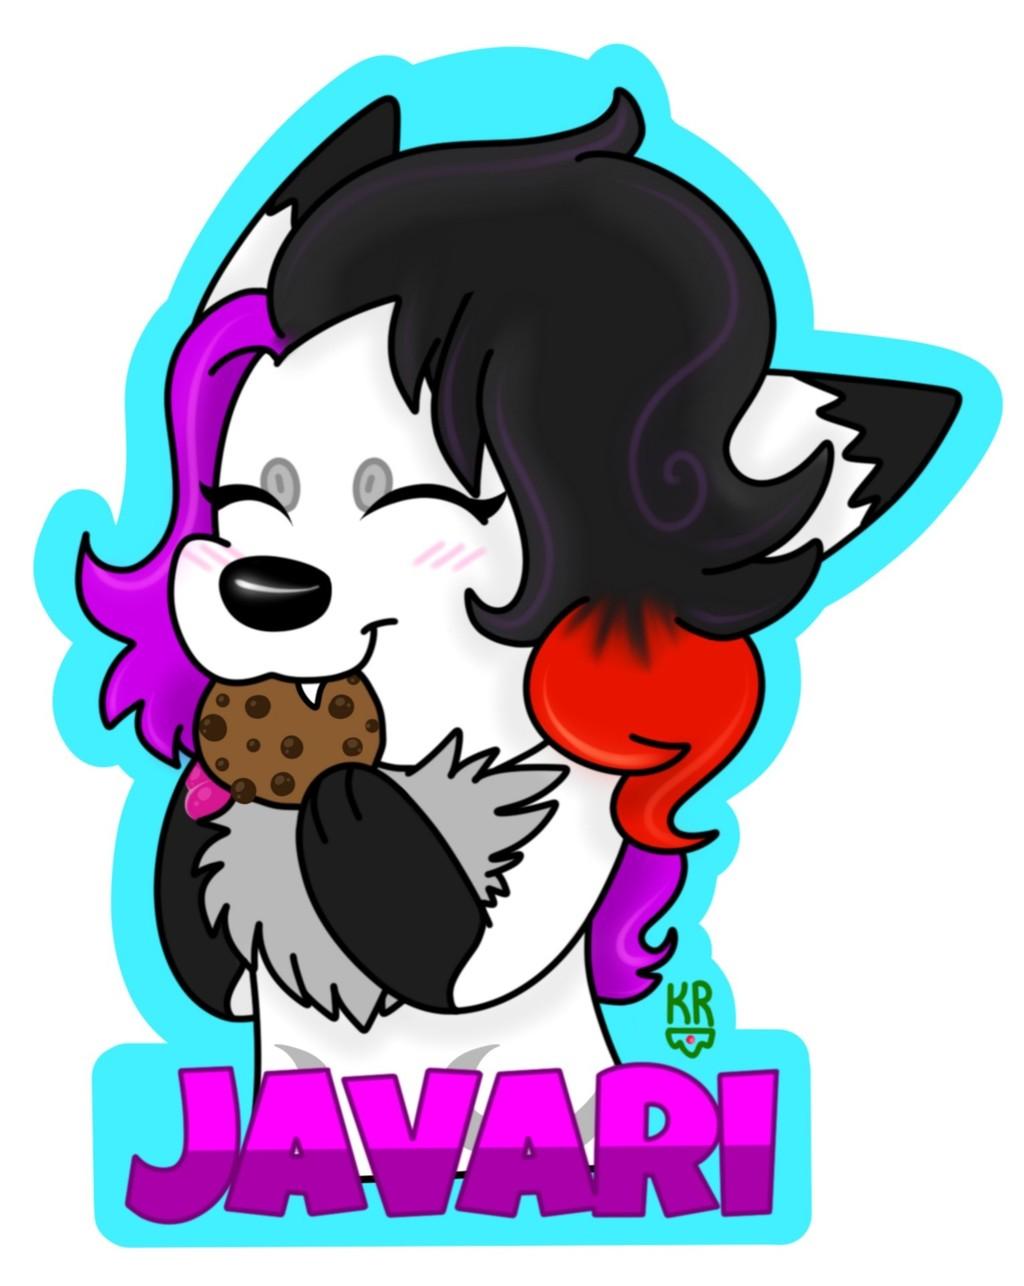 Most recent image: Cookie Nom Javari